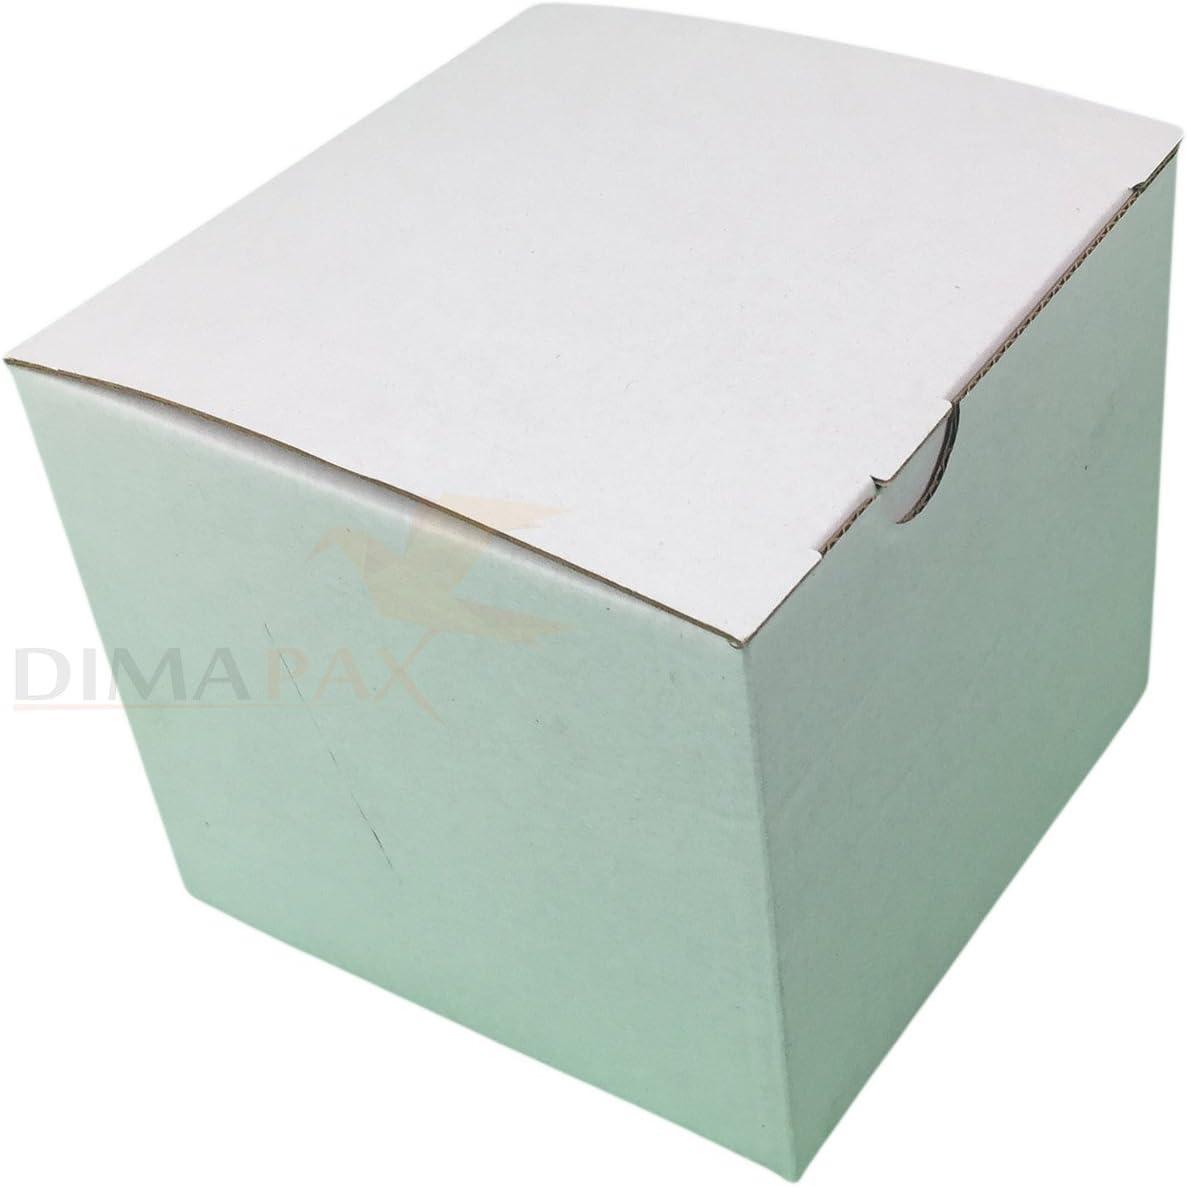 200 Cajas 120 x 120 x 110 mm Automático Plegable Caja de cartón Cardboard Box Blanco dimapax: Amazon.es: Oficina y papelería